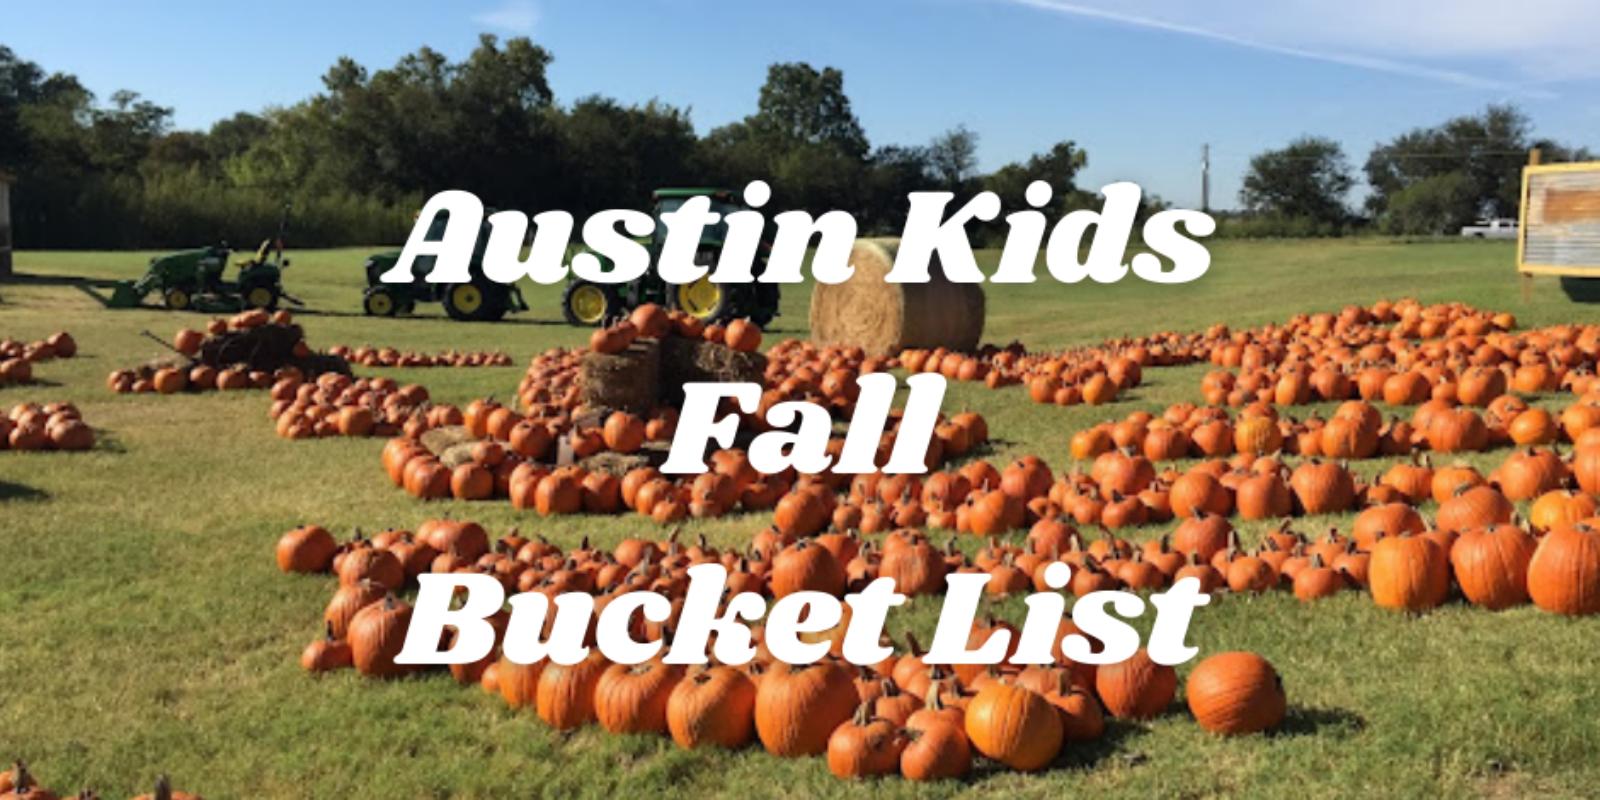 Austin Kids Fall Bucket List